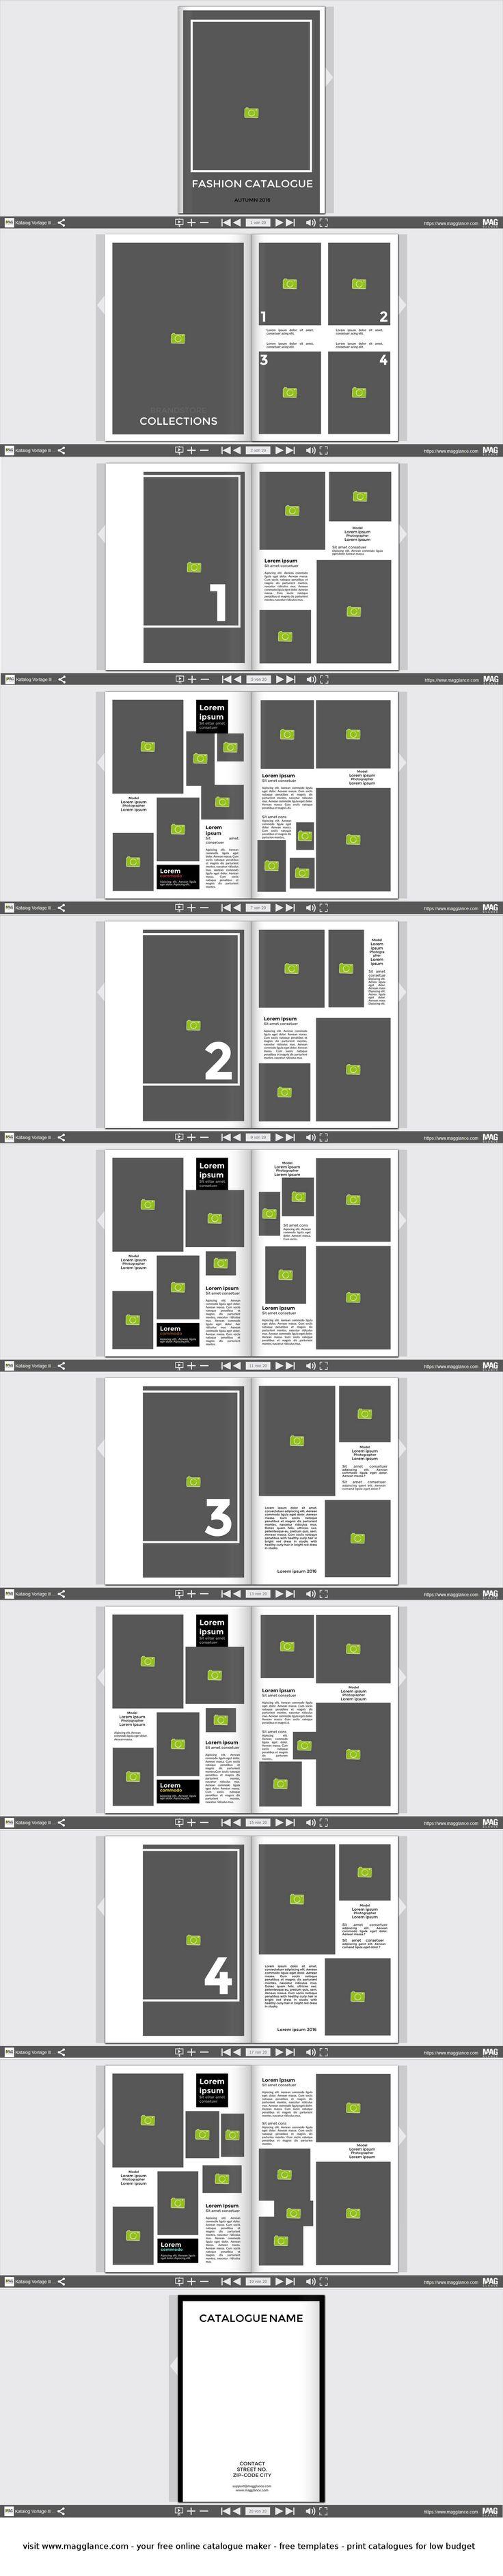 8 besten Katalog Vorlagen Bilder auf Pinterest | Designvorlagen ...